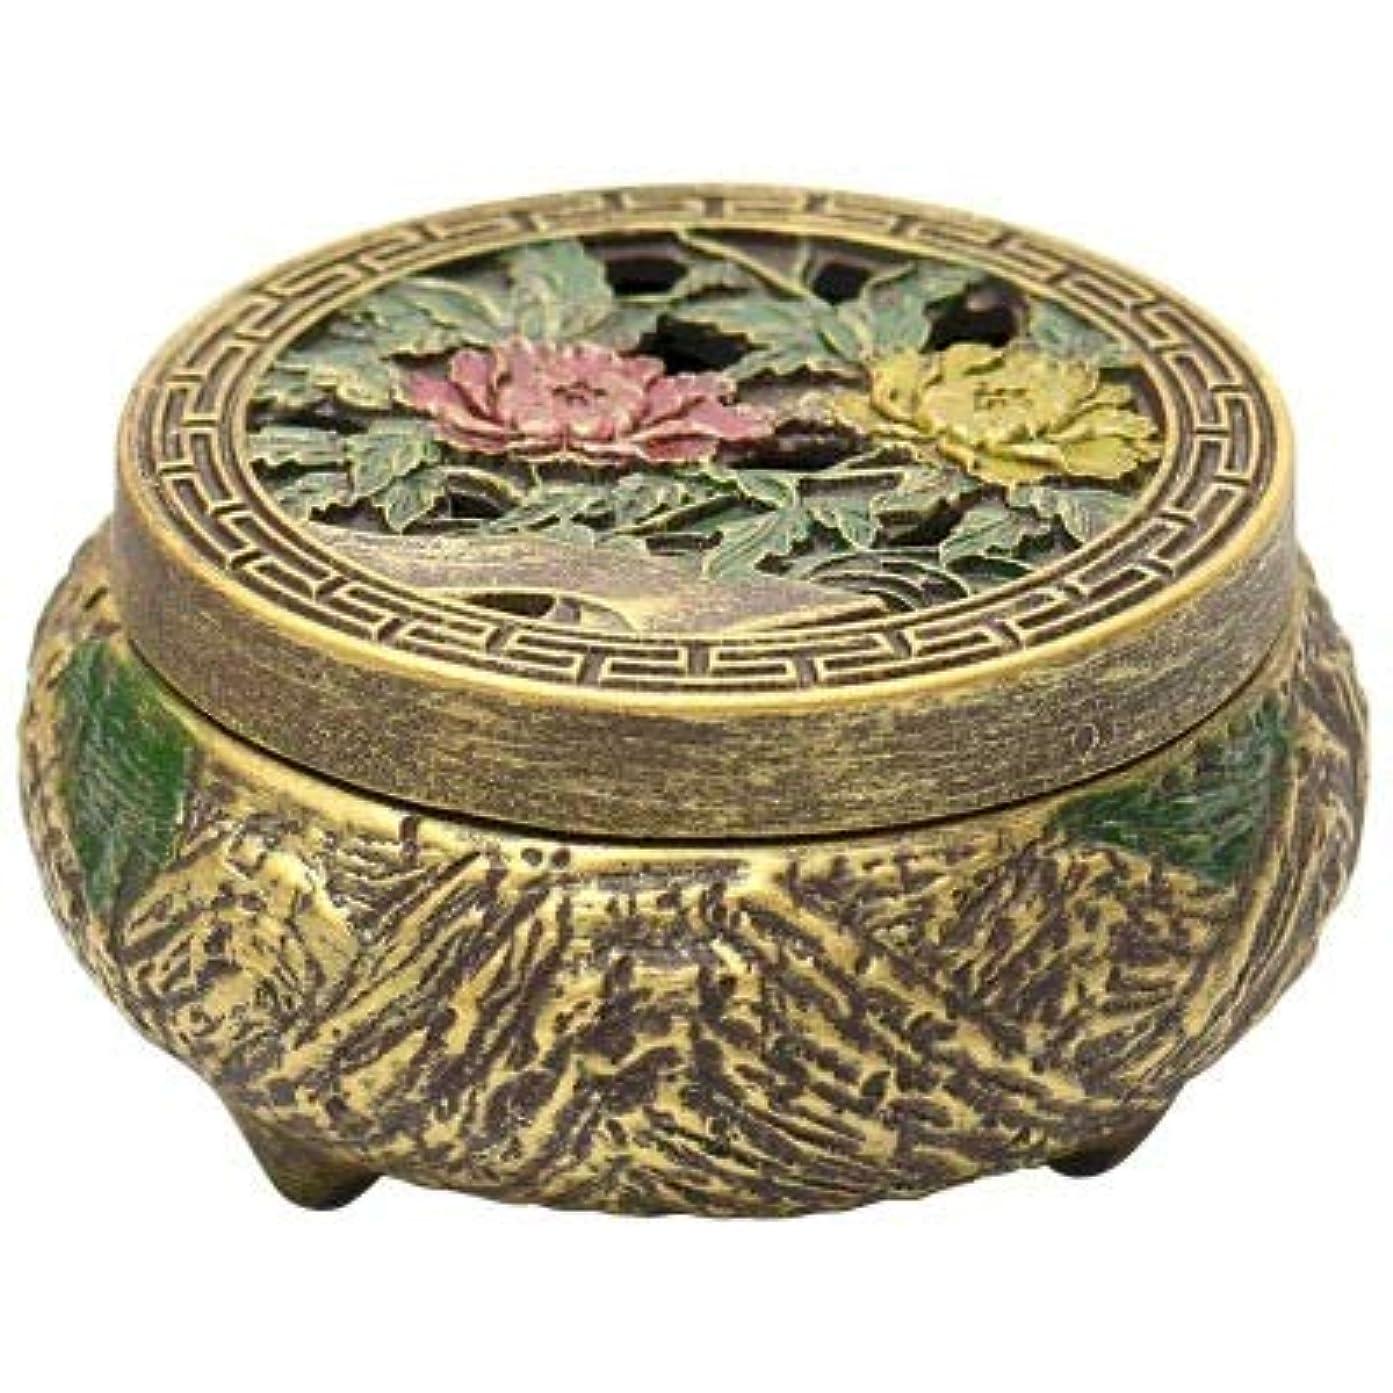 学期あらゆる種類のジェーンオースティンPHILOGOD 香炉 仏壇用線香立て エンボス加工印刷する 香置物 香皿 (Brown1)